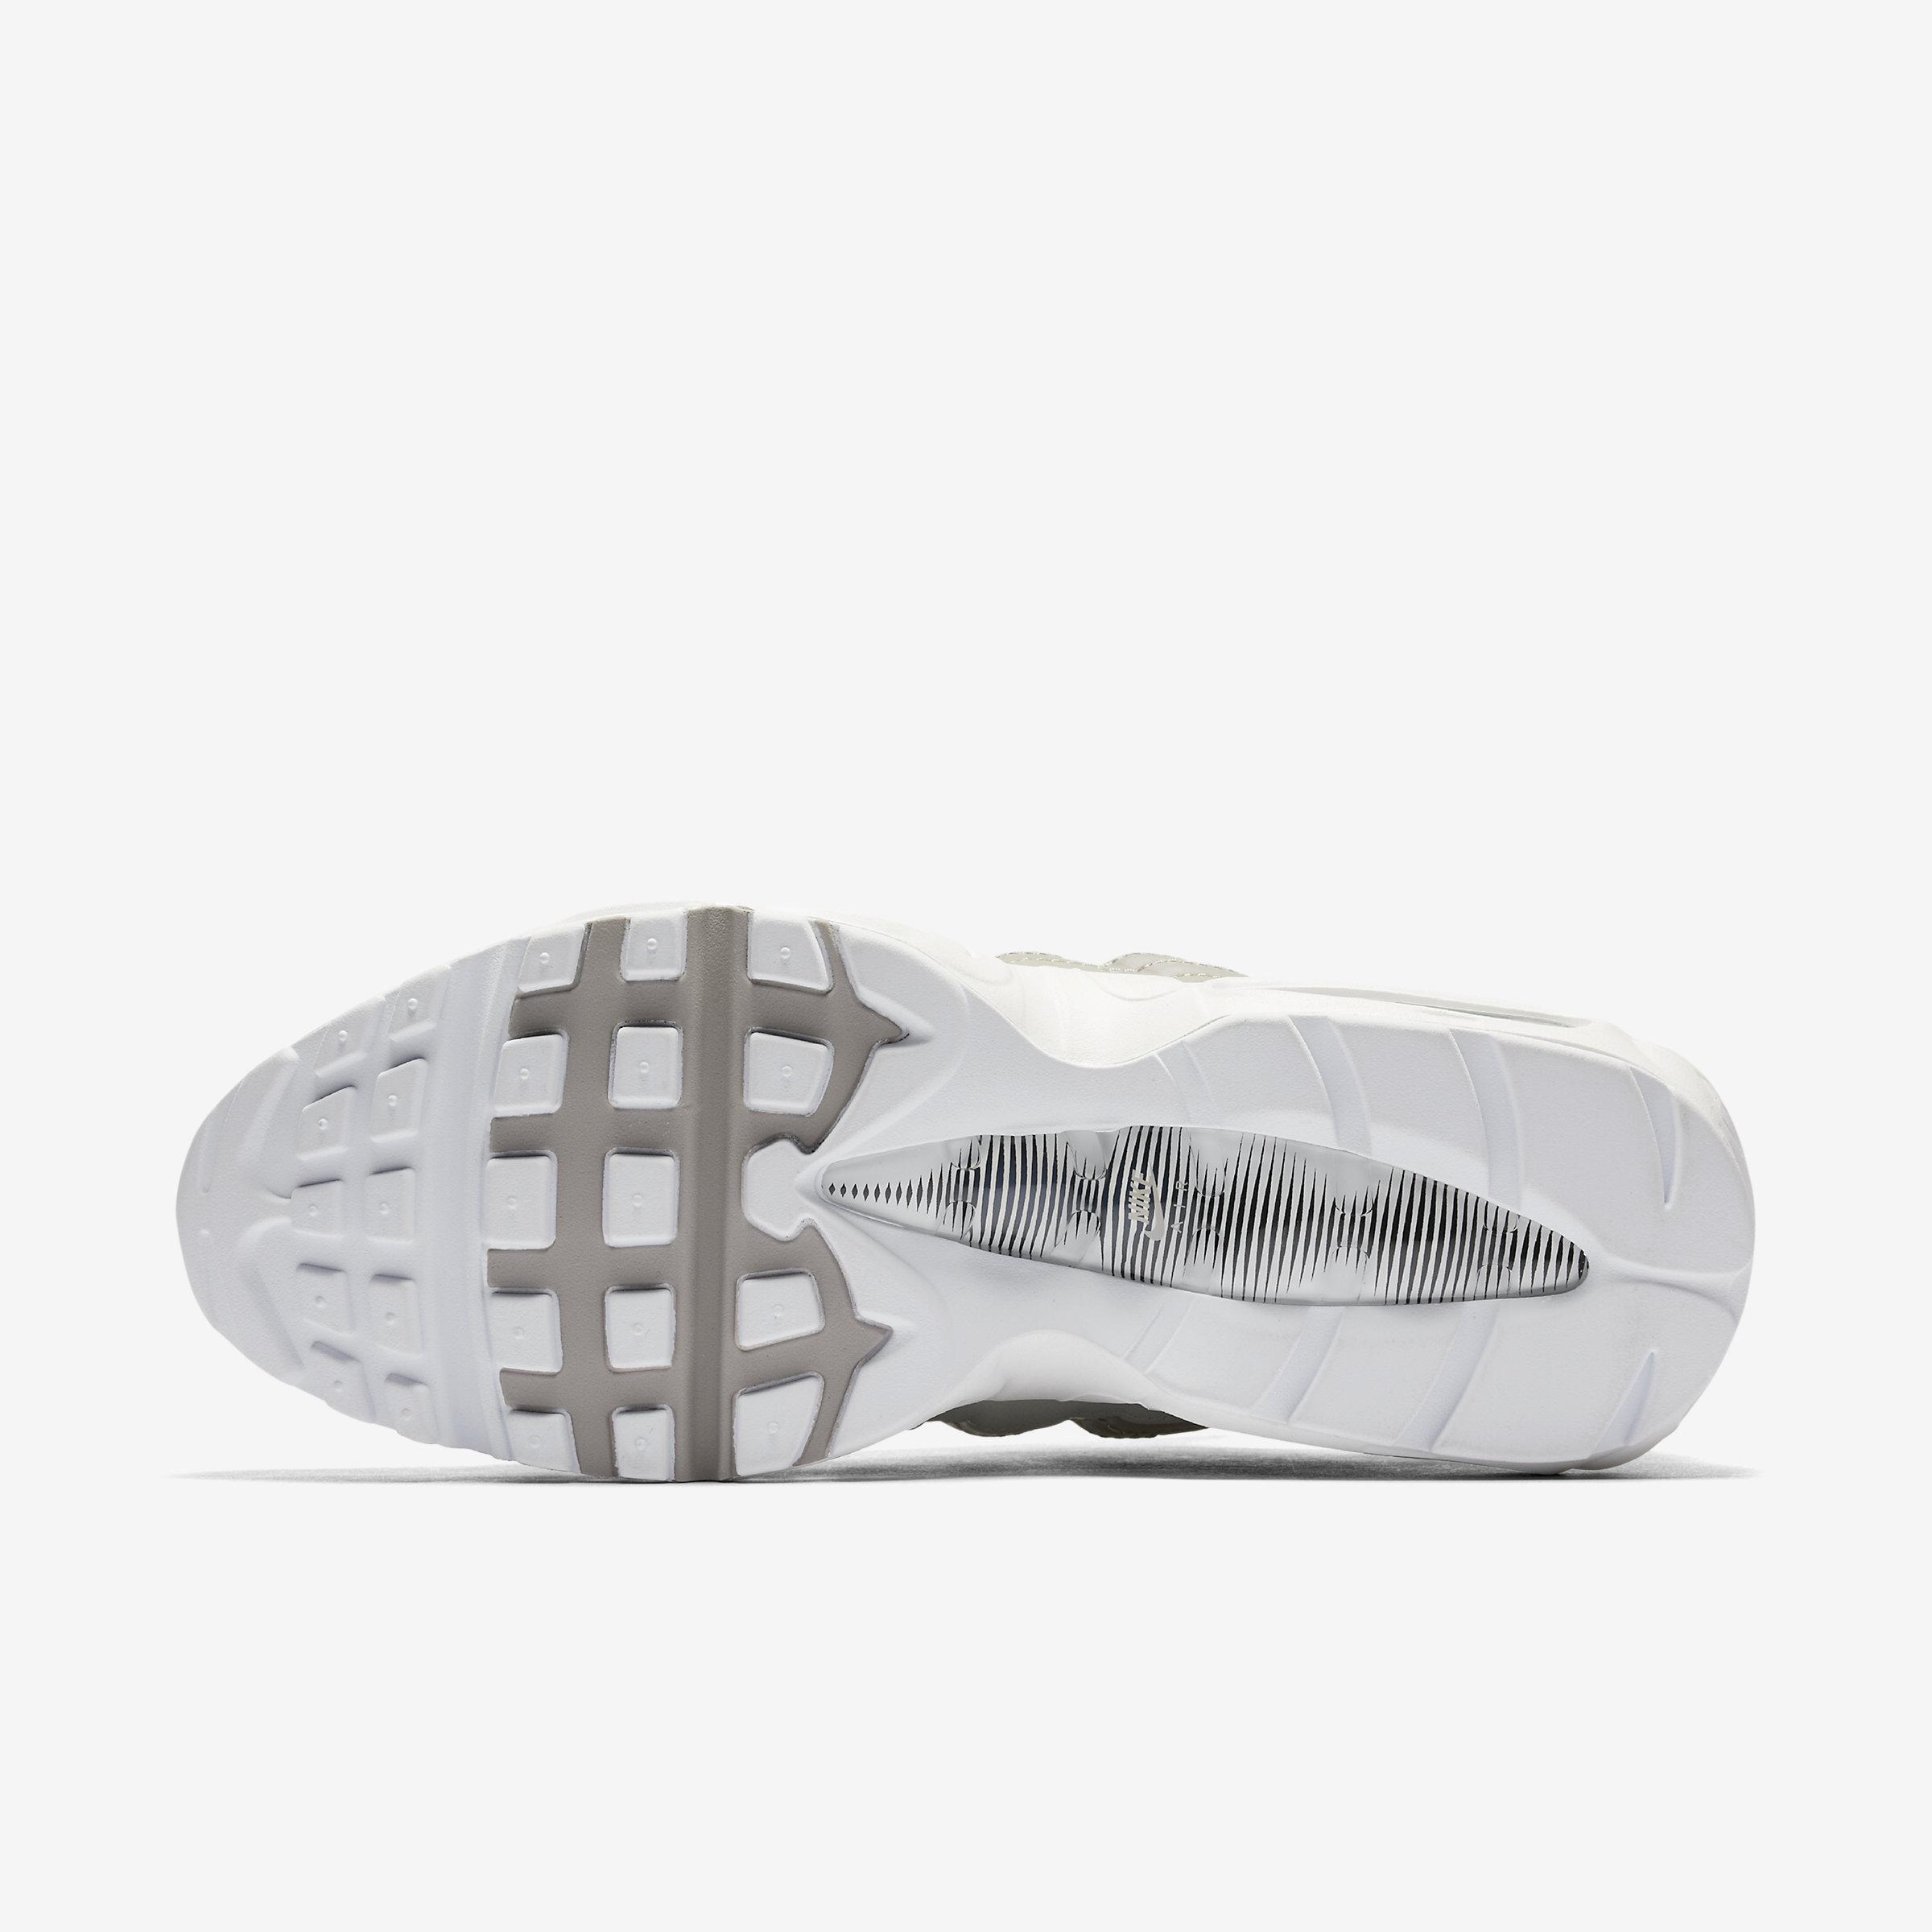 Nike Synthetic Air Max 95 Premium in Cobblestone,White,Cobblestone (White) for Men